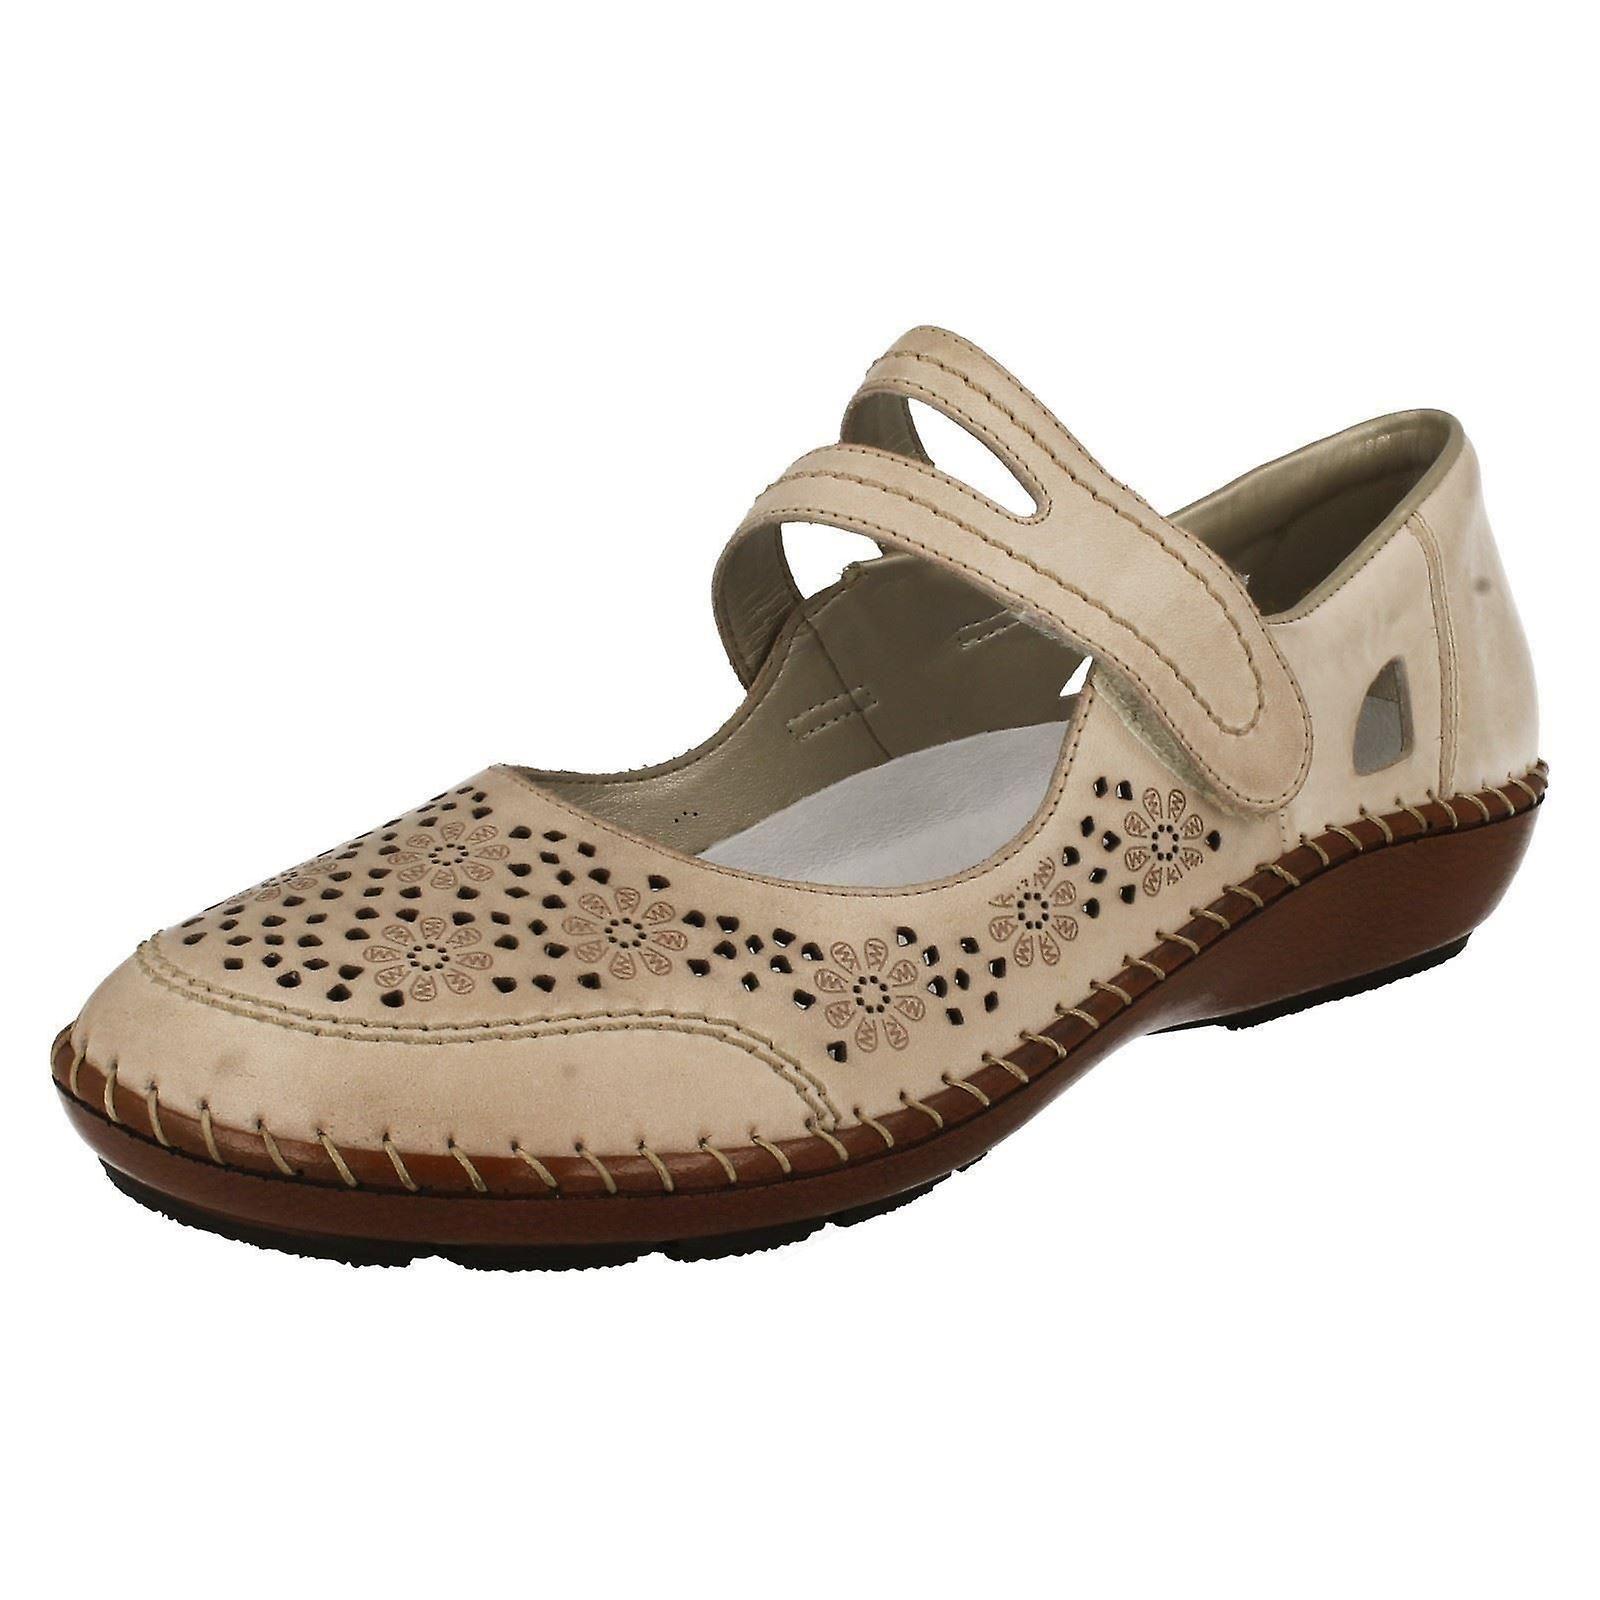 Ladies Rieker Antistress Shoes 44875 ssOyl